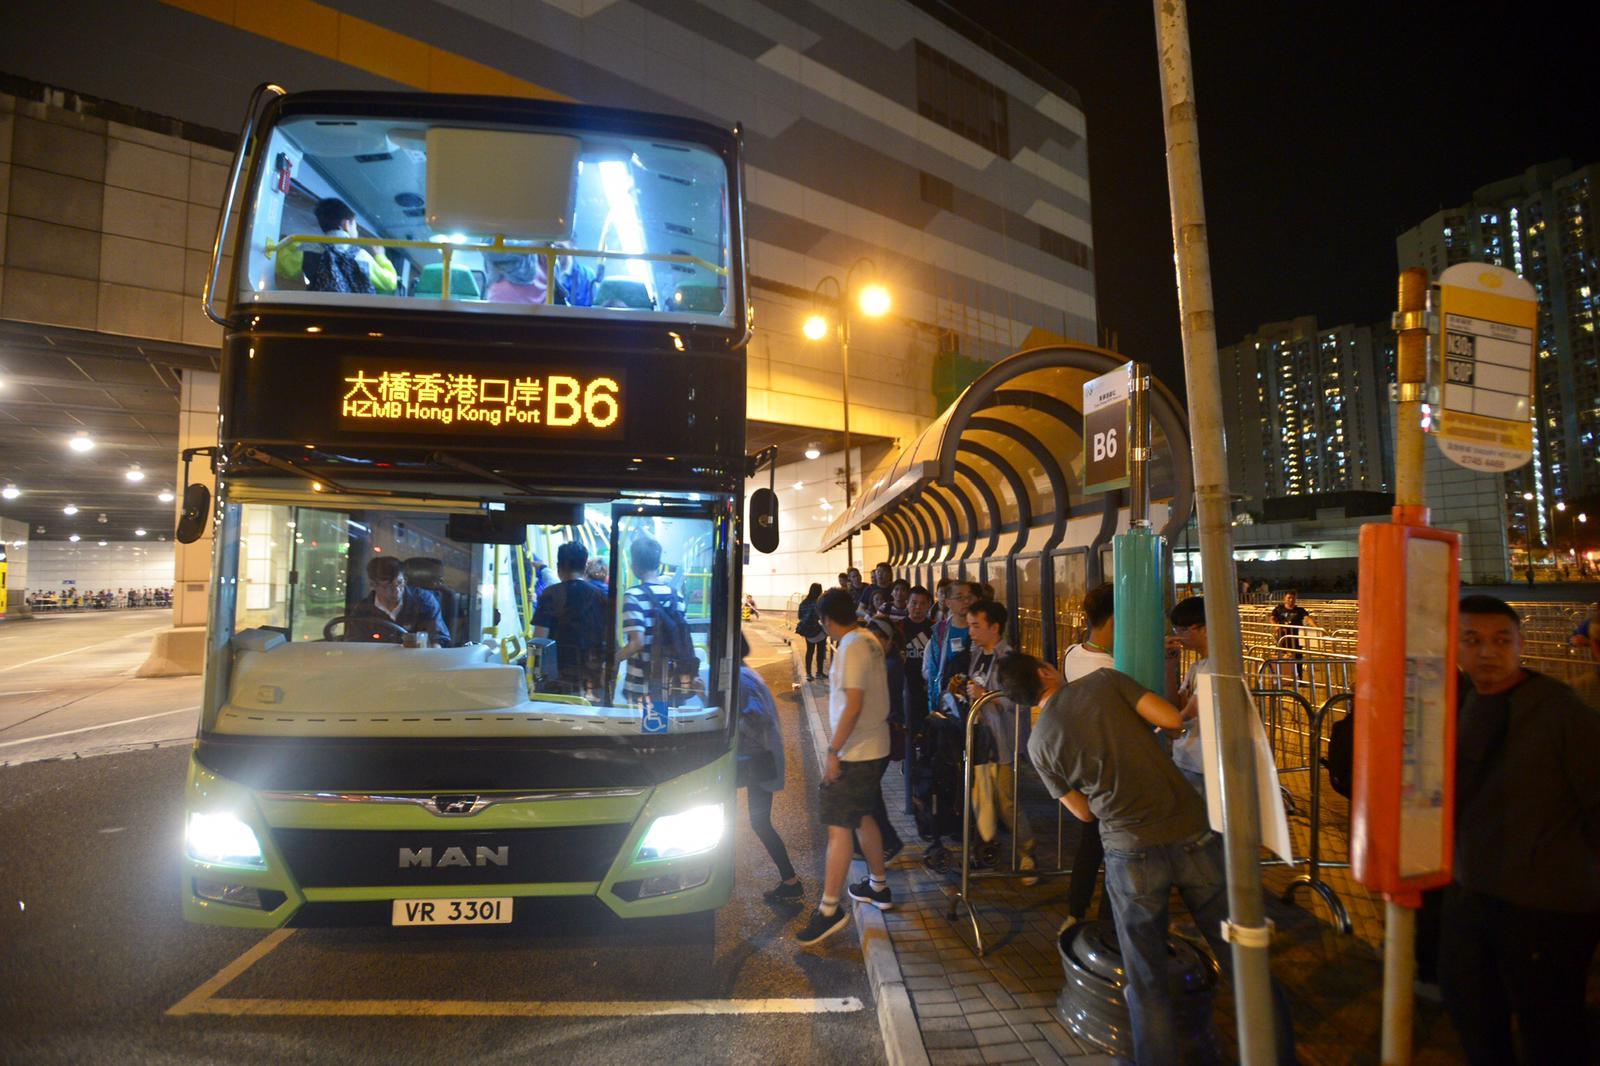 入境處公布,至晚上8時,有近8.3萬人次在大橋香港口岸出入境。梁譽東攝